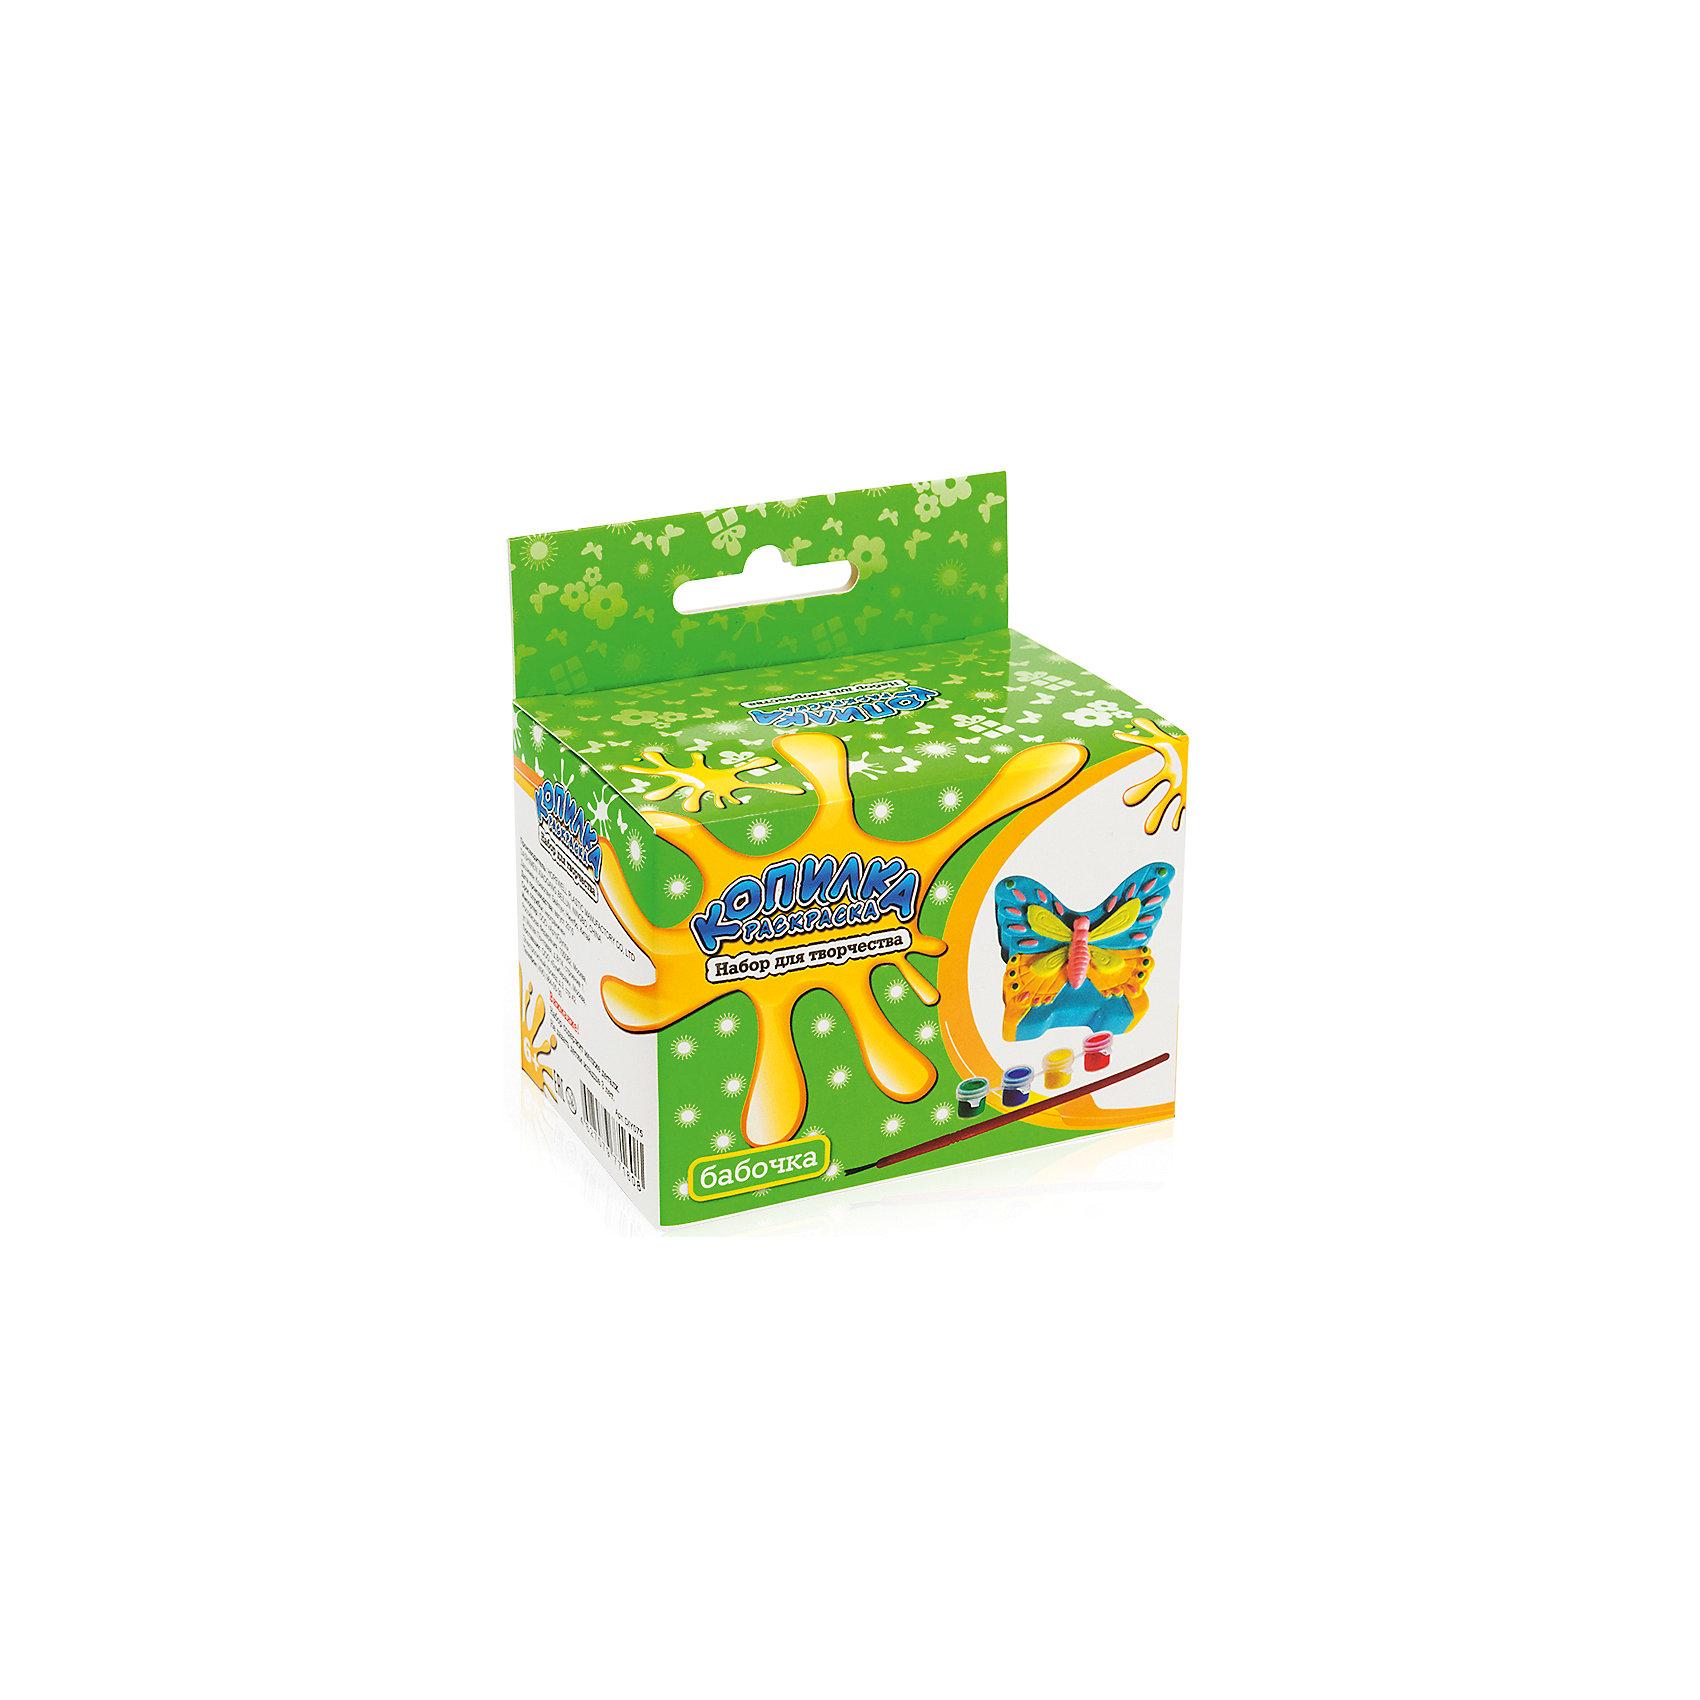 Копилка-раскраска БабочкаРисование<br>Копилка-раскраска Бабочка.<br><br>Характеристики:<br><br>• Для детей в возрасте: от 6 лет<br>• В комплекте: копилка для раскрашивания из пластика, акриловые краски 4 цветов (зеленый, синий, красный, желтый), кисточка<br>• Инструкция на упаковке на русском языке<br>• Размер копилки: 8 х 6,5 см.<br>• Упаковка: цветная картонная коробка с европодвесом<br>• Размер упаковки: 10,5 x 10 x 6,5 см.<br>• Вес: 120 гр.<br><br>Копилка хорошо детализирована. Чтобы аккуратно ее раскрасить, понадобится приложить немало усилий, но это стоит того. Таблица смешения цветов, предложенная на упаковке, поможет определиться с выбором цветовой гаммы. Когда краска высохнет, ребенок будет рад использовать свой шедевр и учиться обращаться с деньгами. В верхней части копилки имеется прорезь для монет, а в нижней – отверстие, закрытое крышкой, через которое монетки легко можно достать в любой момент.<br><br>Копилку-раскраску Бабочка можно купить в нашем интернет-магазине.<br><br>Ширина мм: 100<br>Глубина мм: 105<br>Высота мм: 600<br>Вес г: 120<br>Возраст от месяцев: 72<br>Возраст до месяцев: 2147483647<br>Пол: Женский<br>Возраст: Детский<br>SKU: 5515566